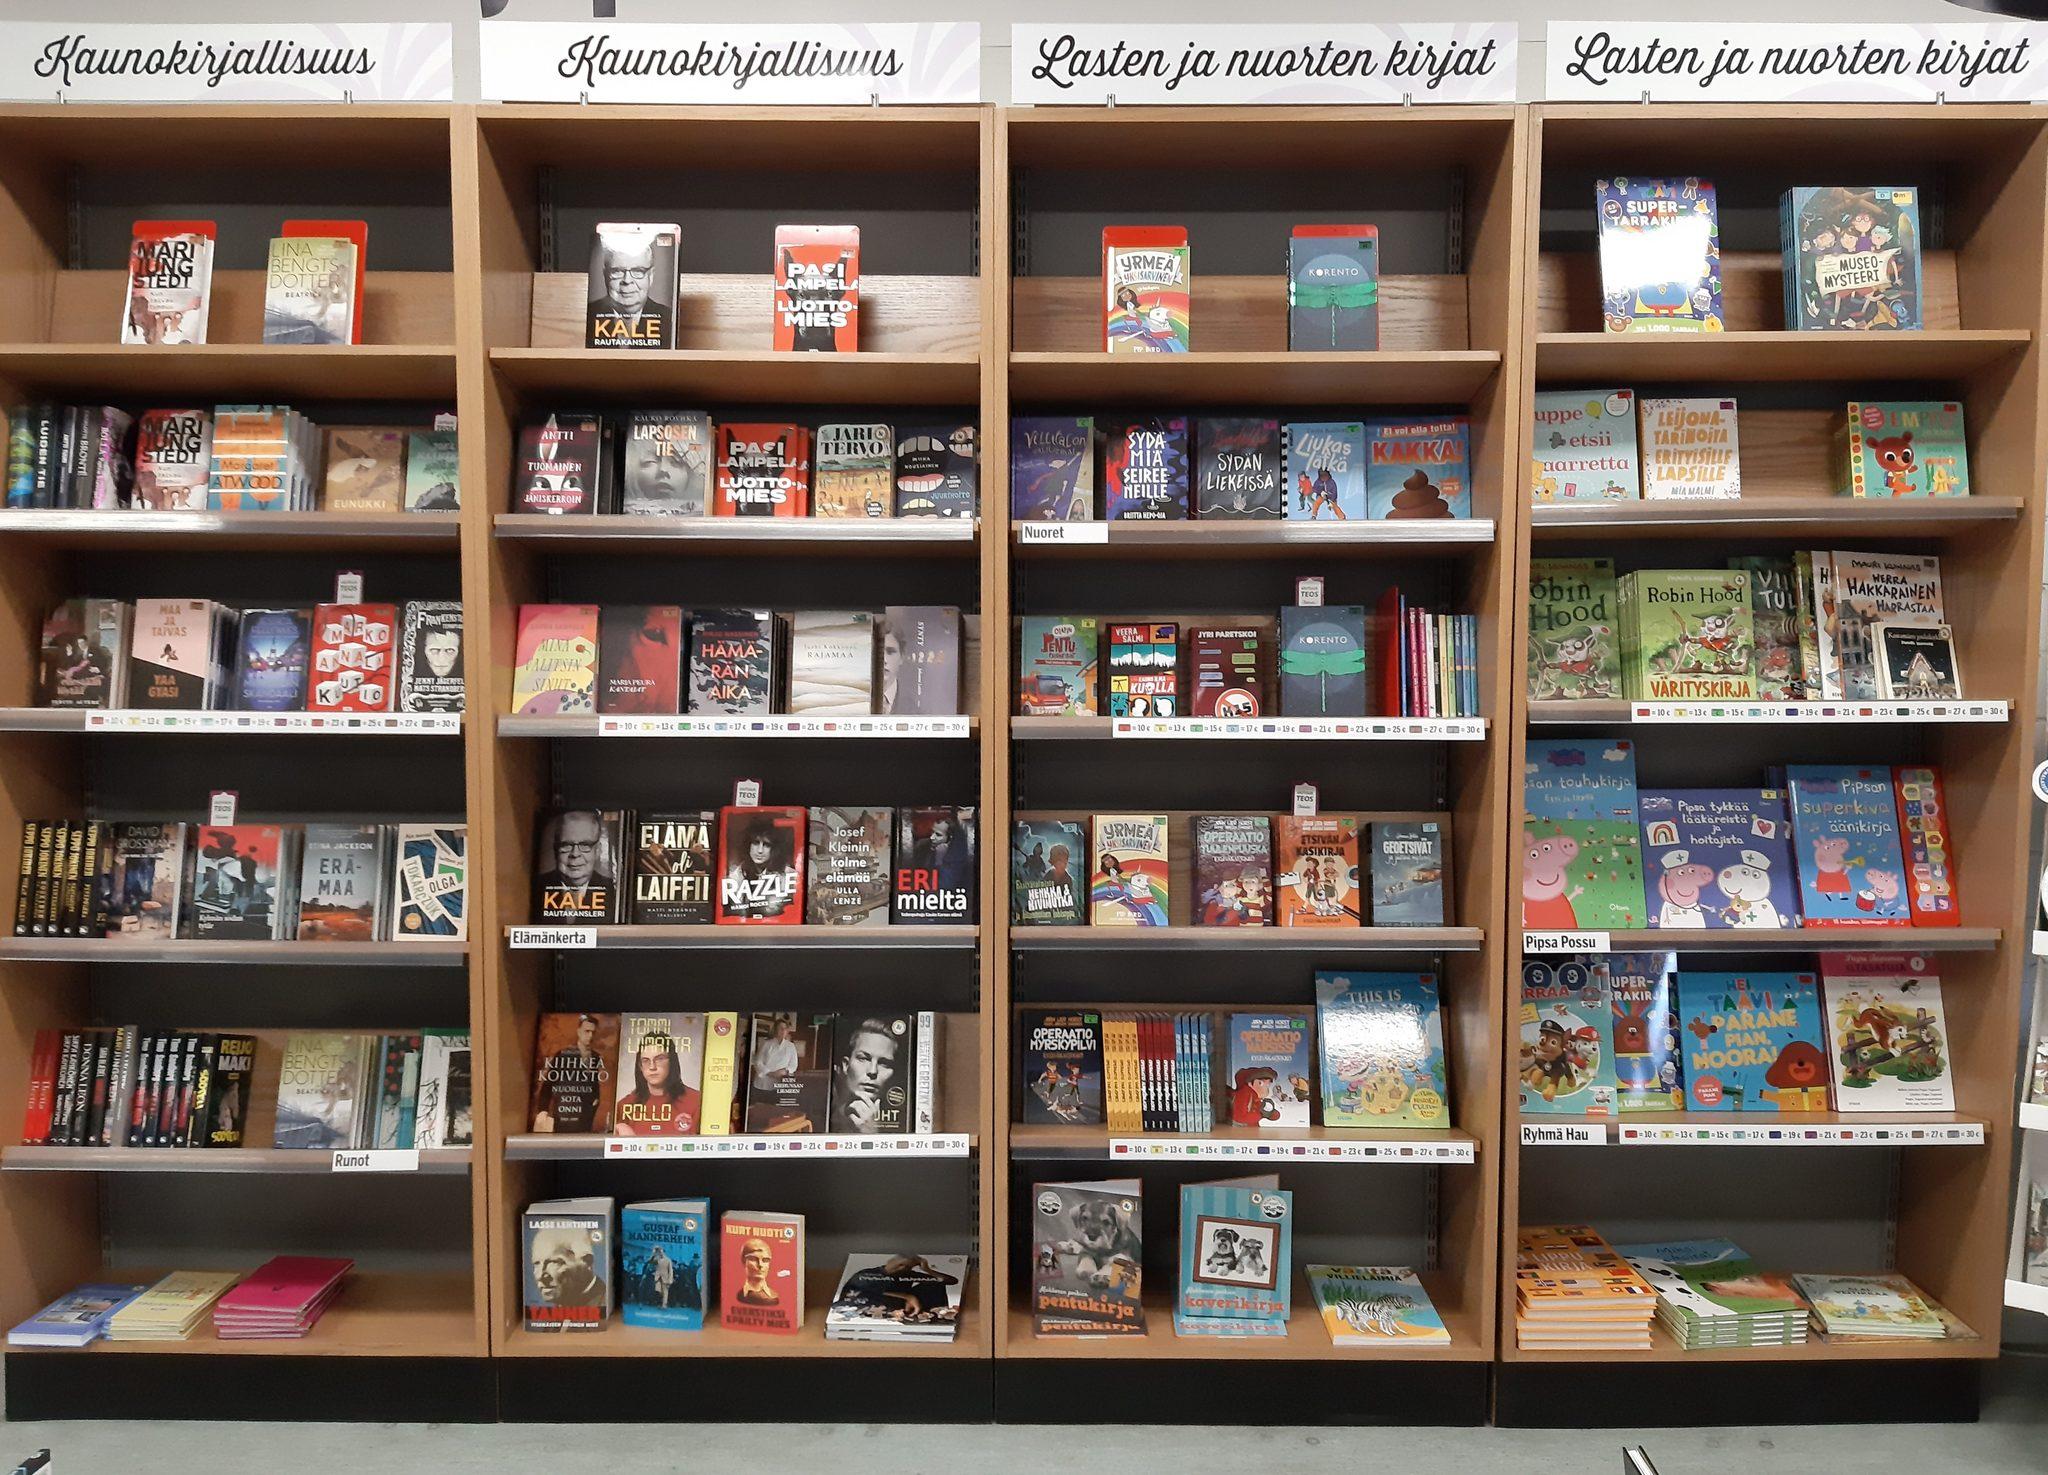 Lasten ja nuorten kirjat